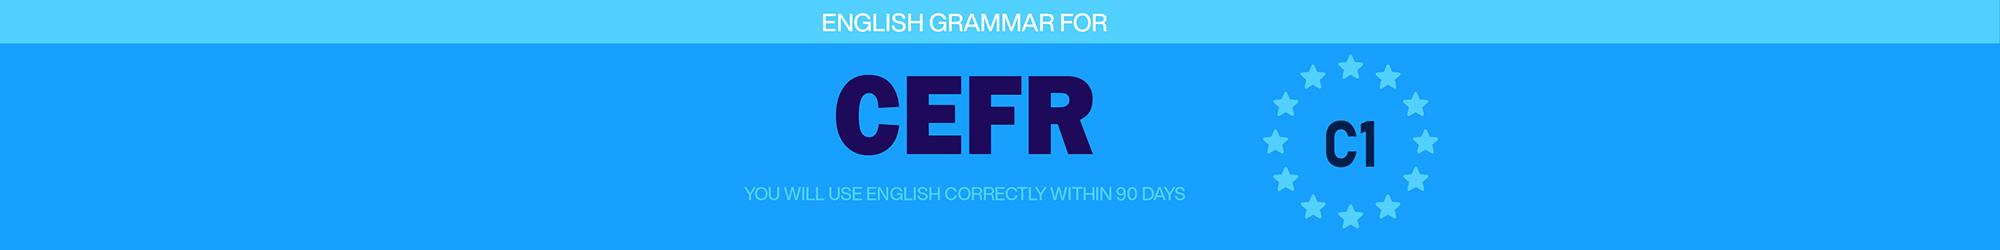 GRAMMAR FOR CEFR (C1) banner